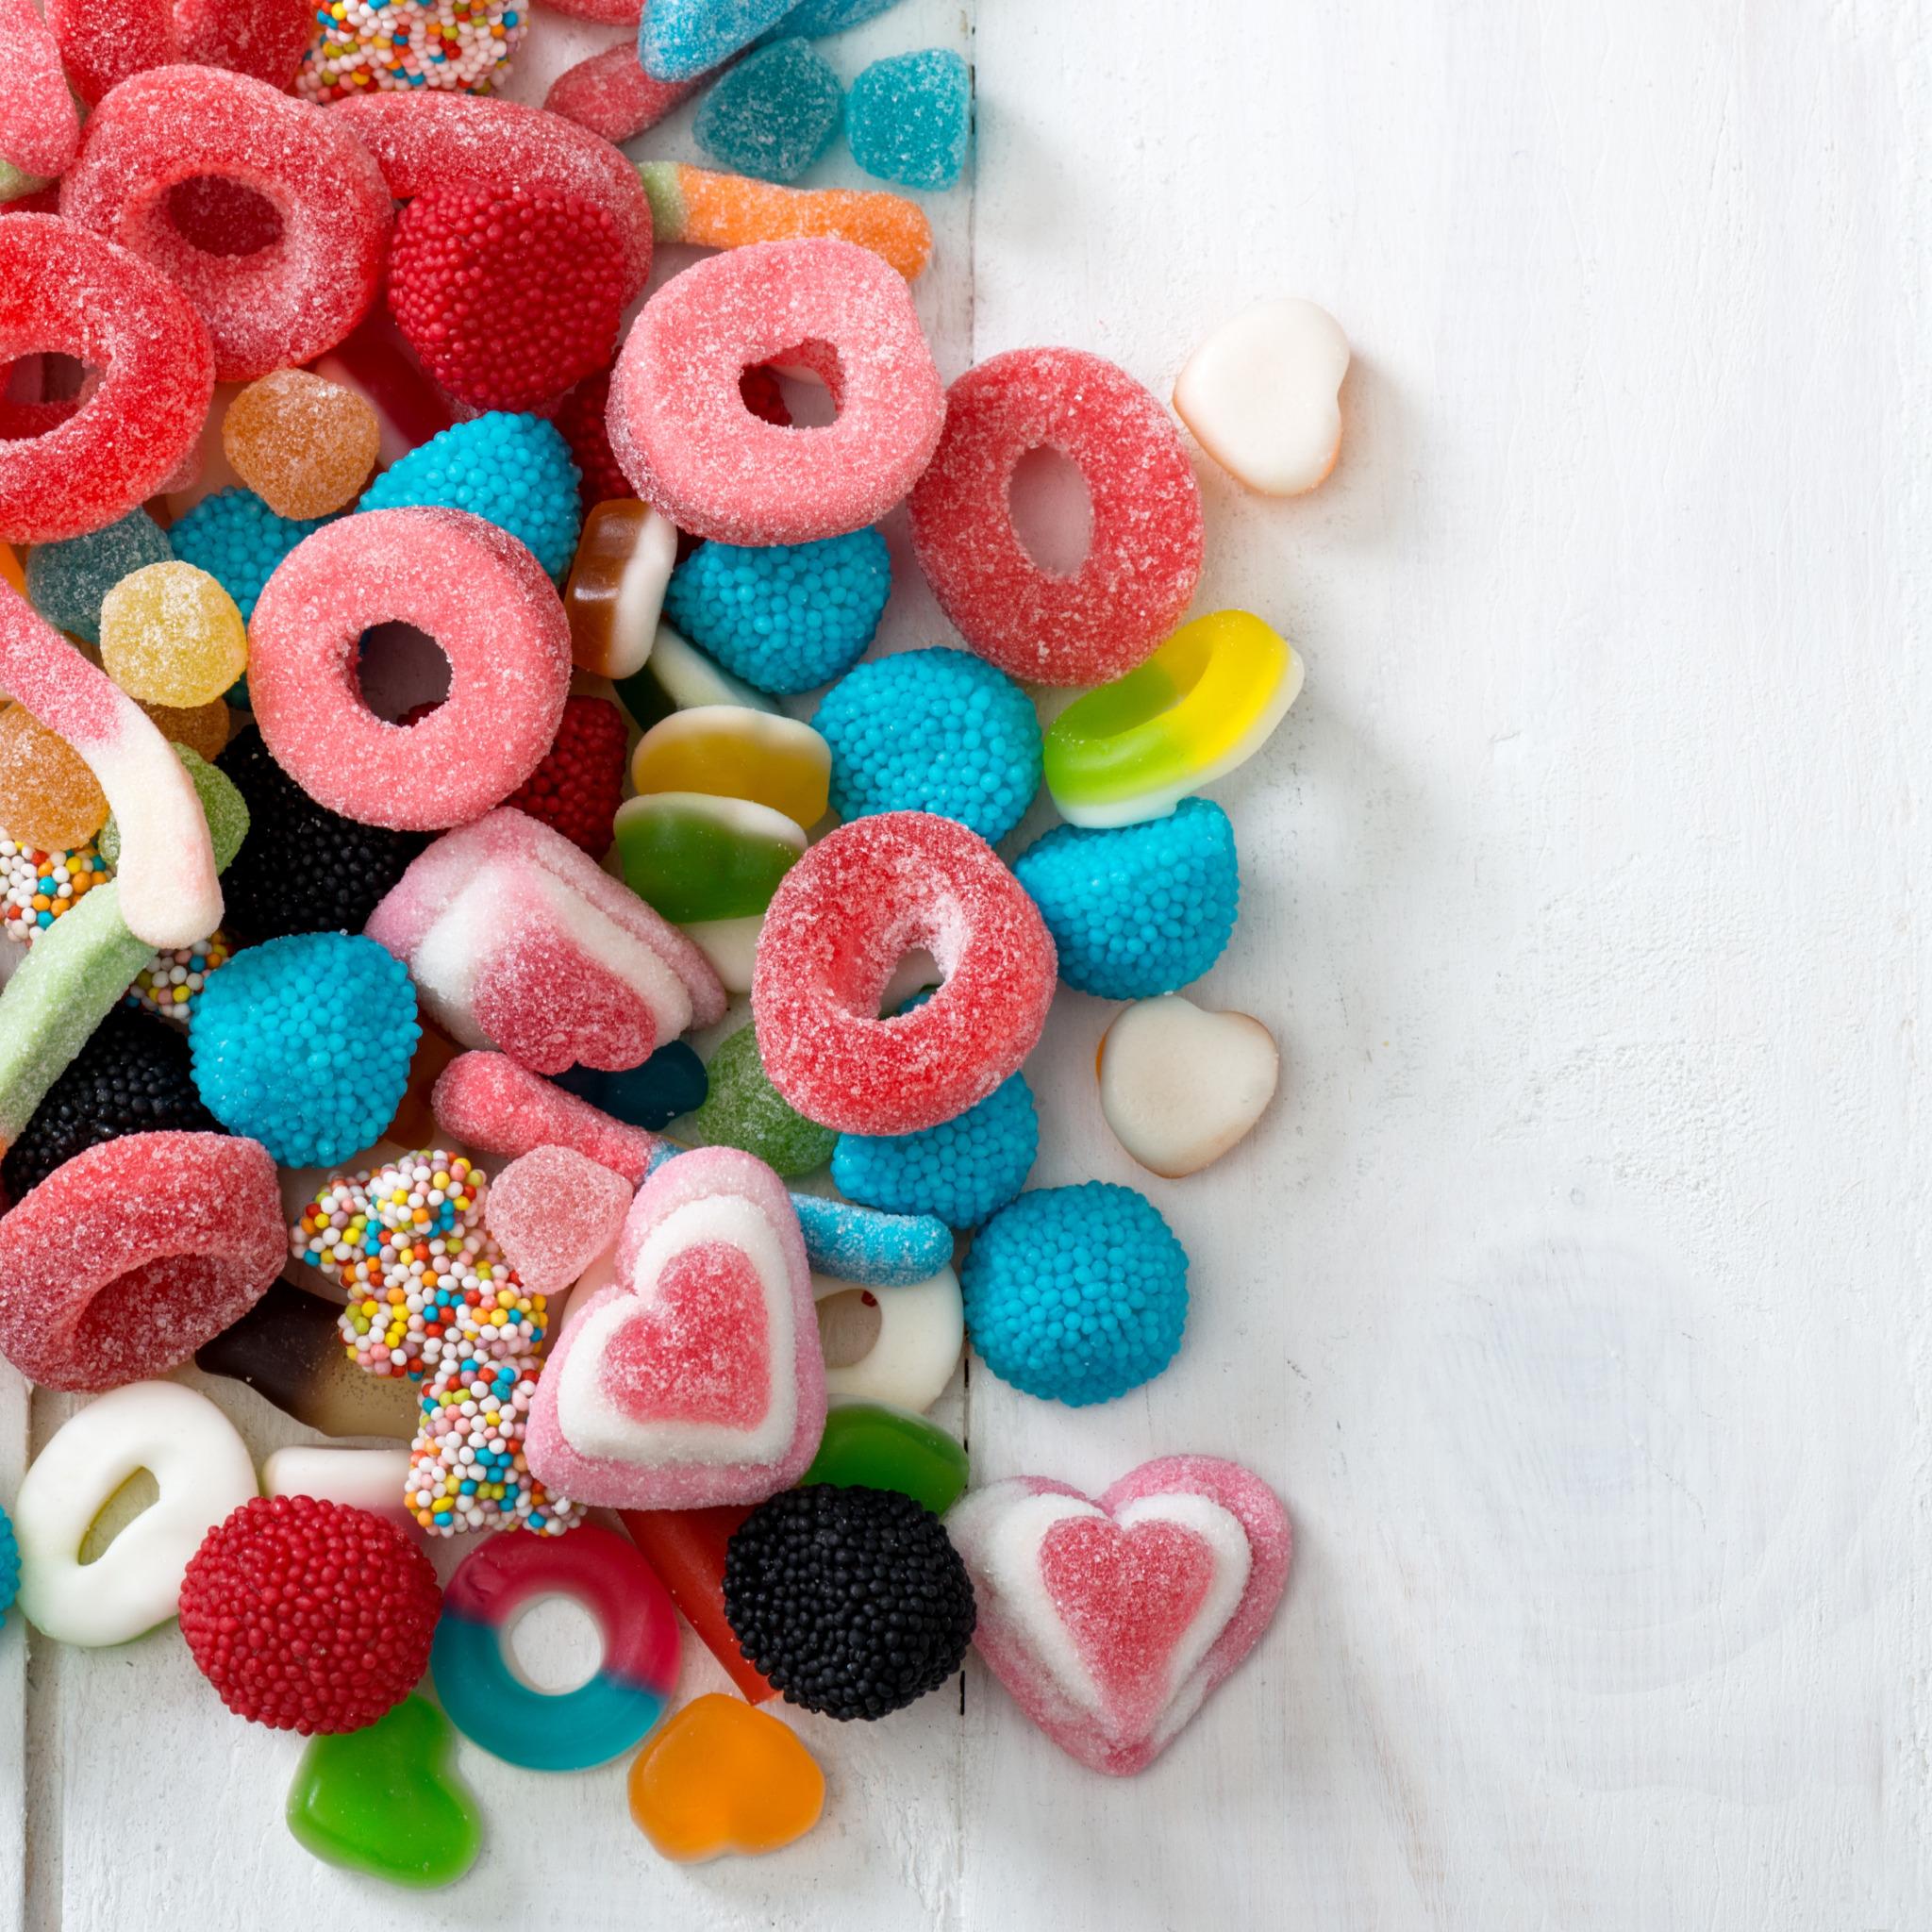 хилькевич картинки сладости мармелад хранишь своем